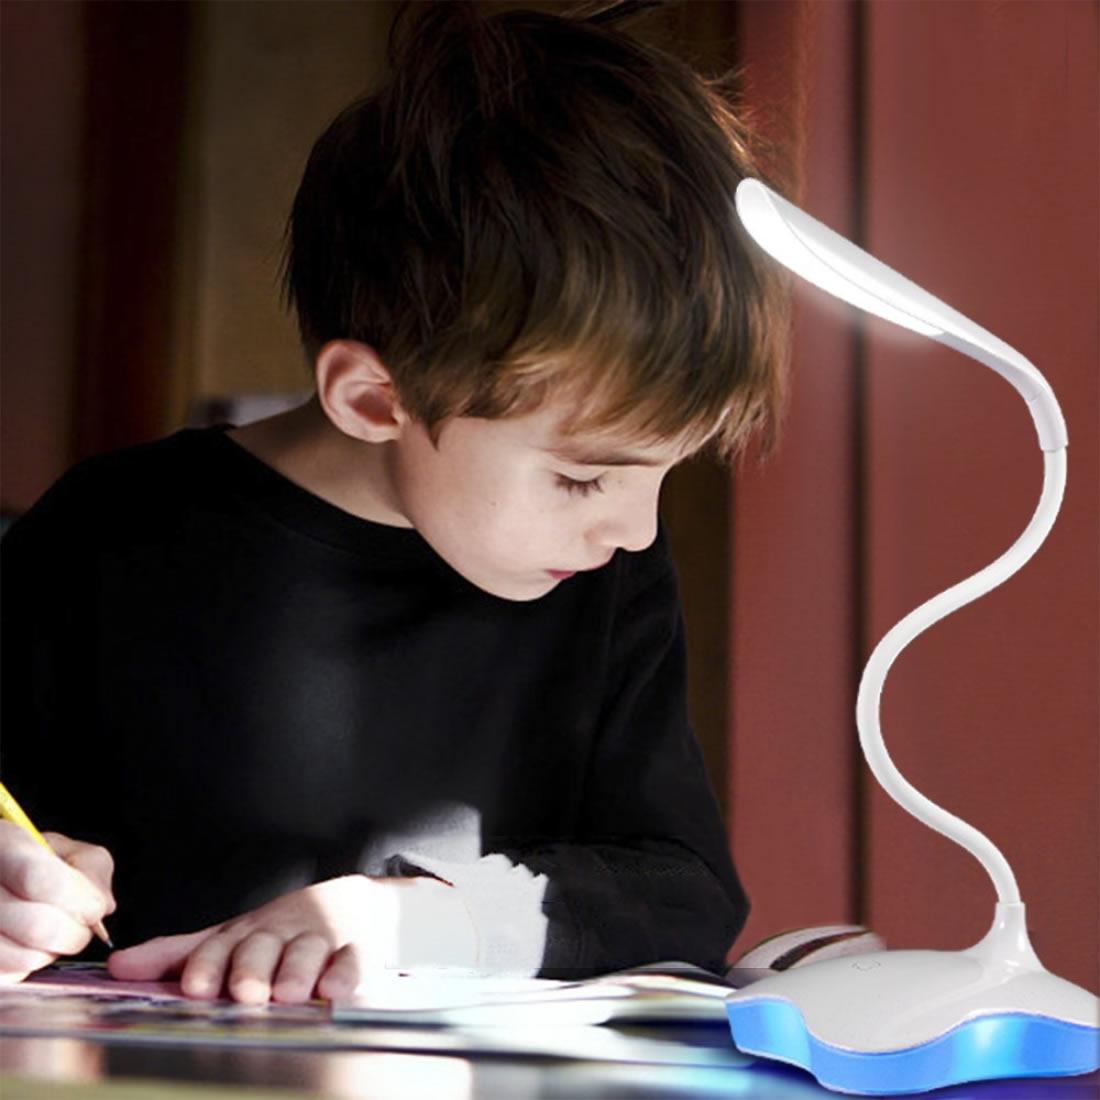 Engineering Plastics Foldable Night Lights With Led Light